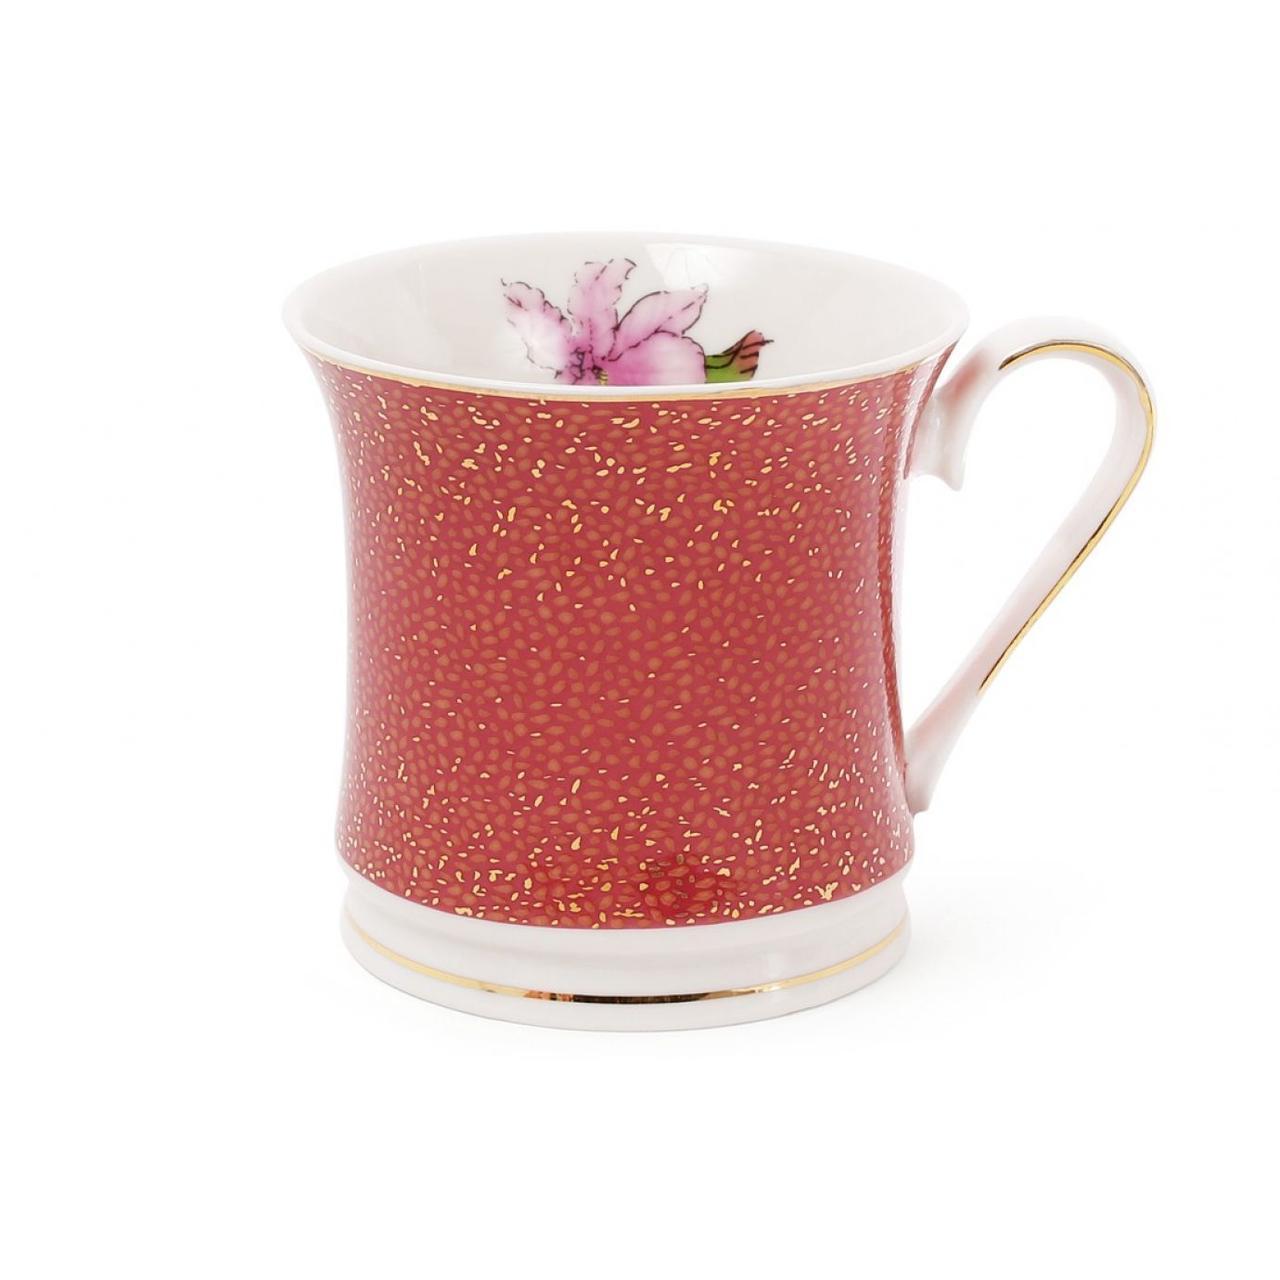 """Чашка керам. 375мл """"Ірис"""" бордо з золотом,в подар. кор-ці №331-721/Bonadi/(1)(48)"""